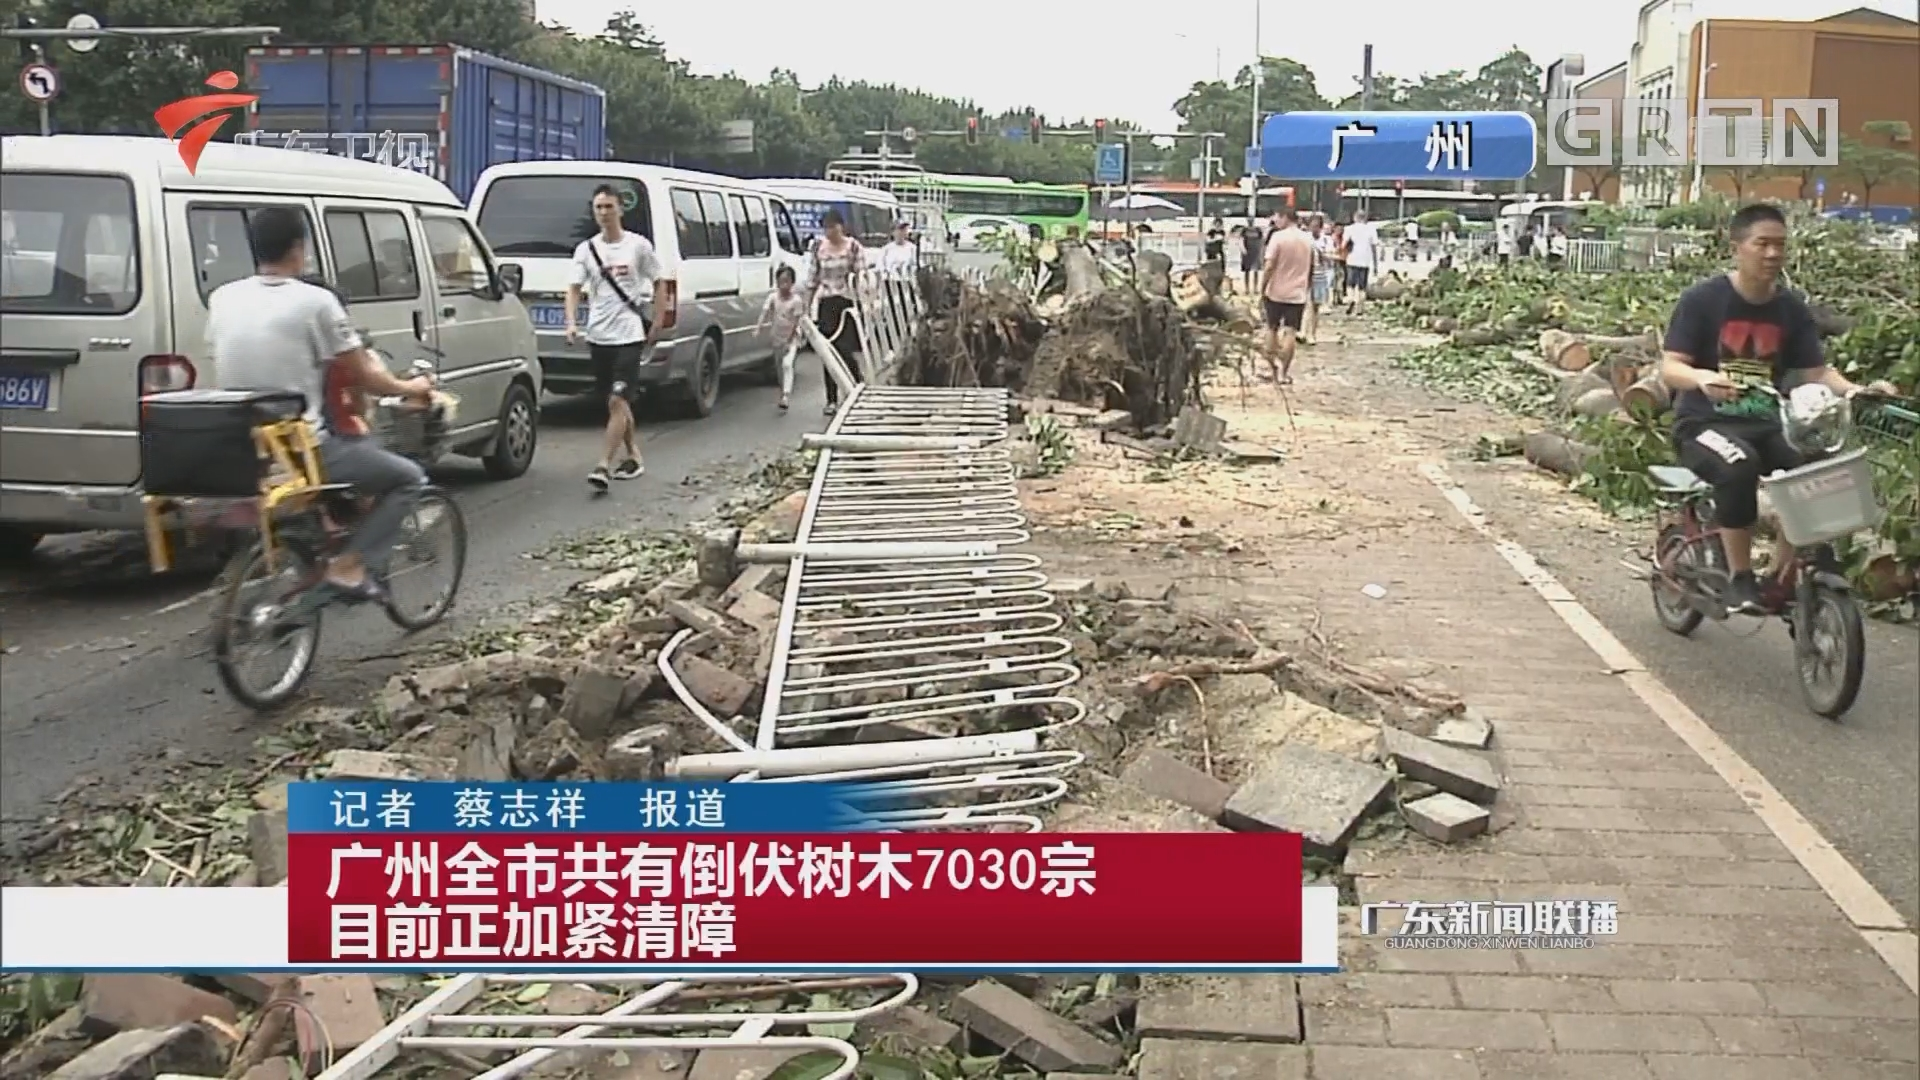 广州全市共有倒伏树木7030宗 目前正加紧清障